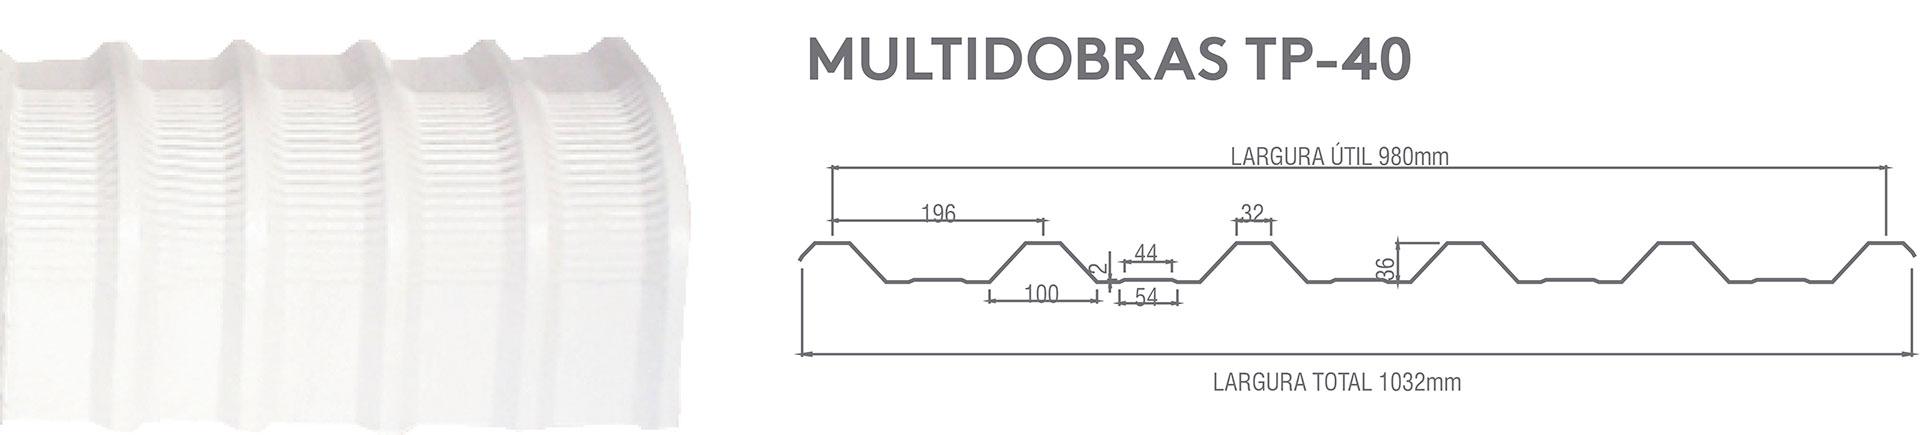 multidobras-tp-40.jpg